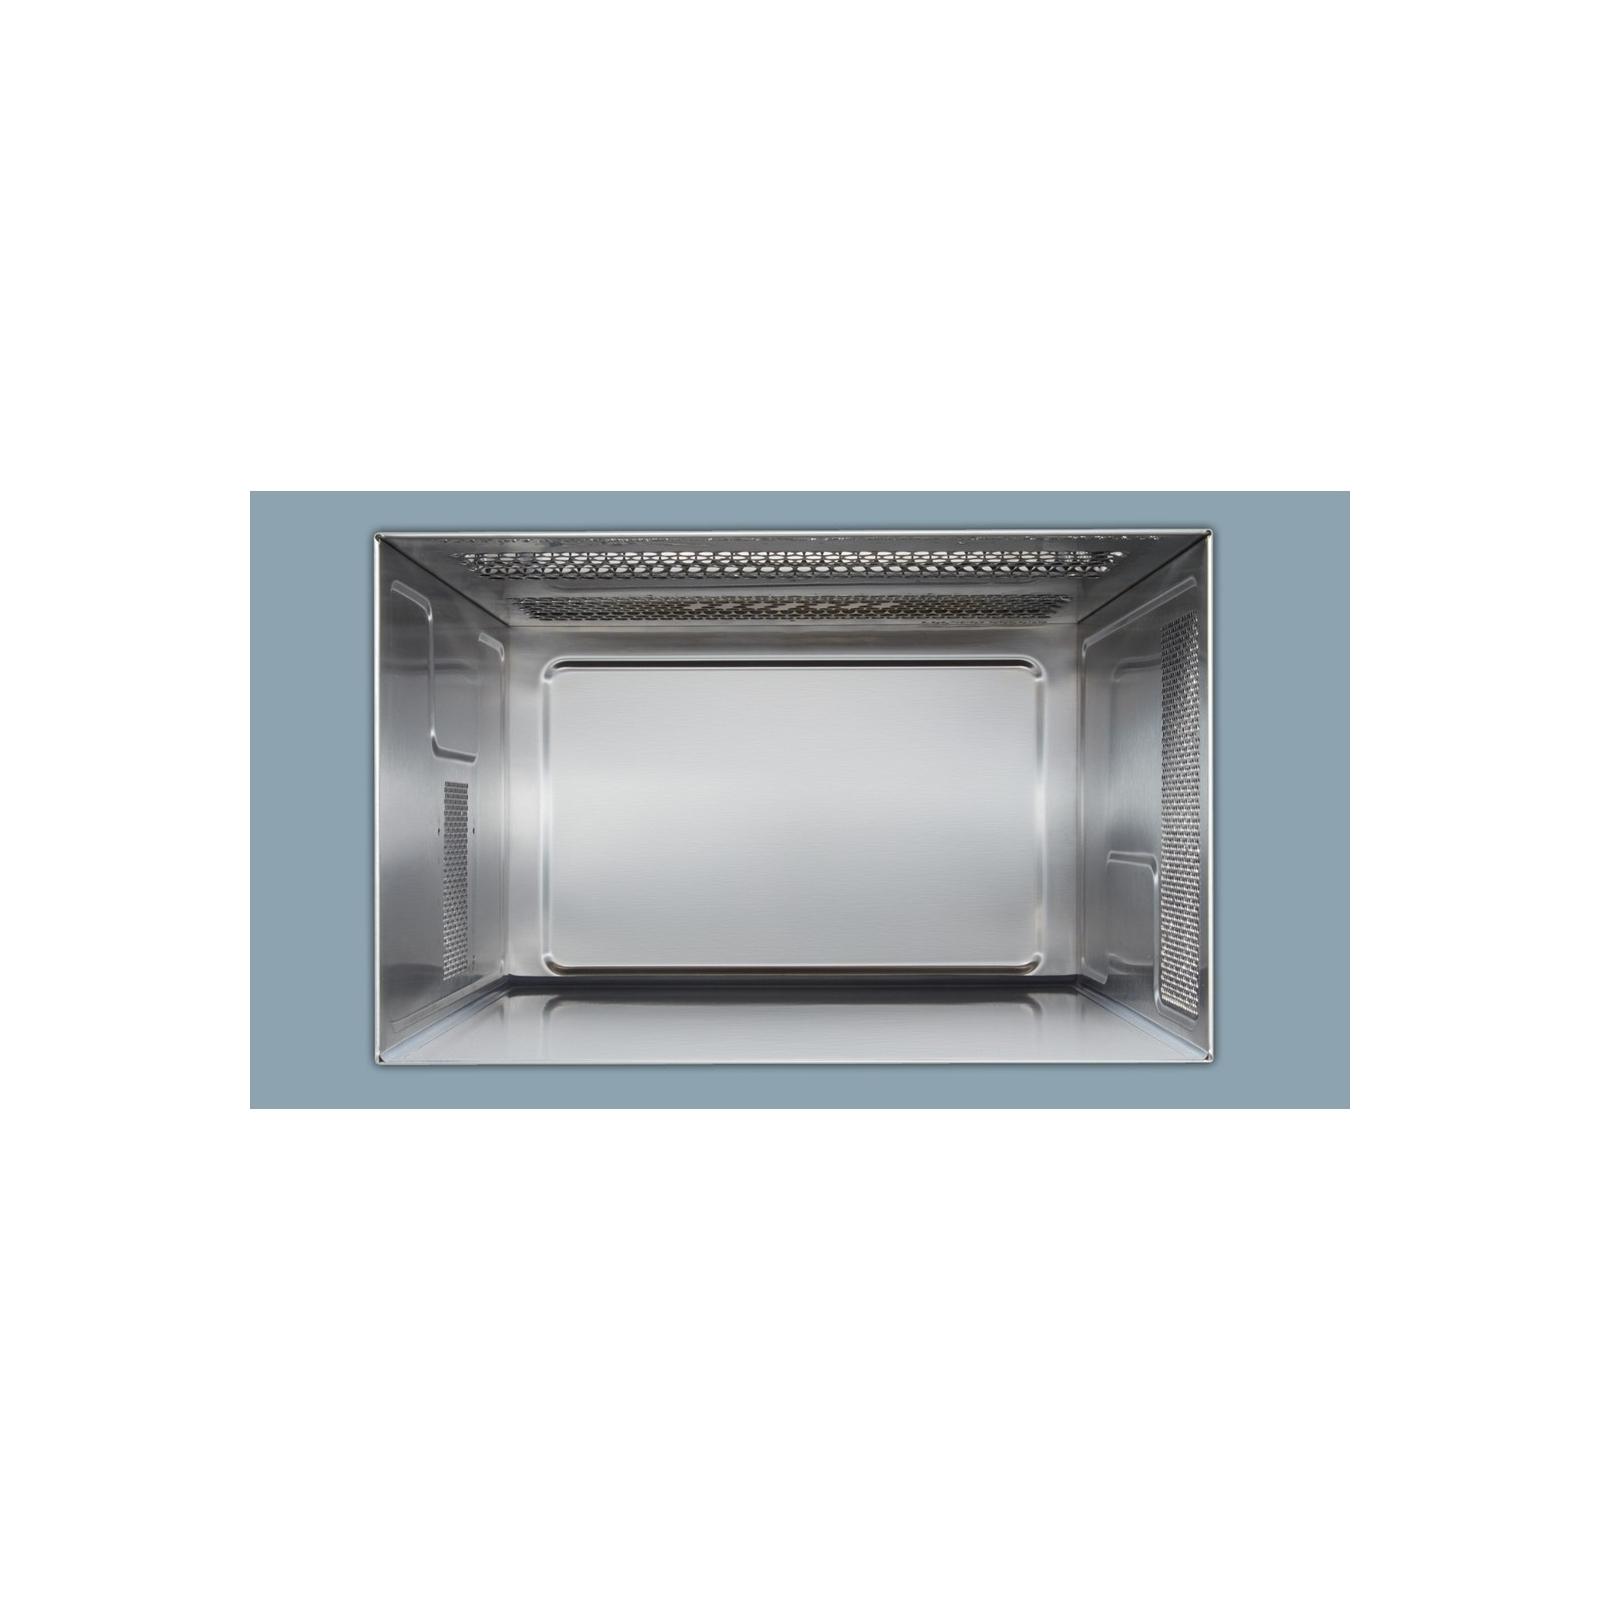 Микроволновая печь BOSCH BFL 634 GW1 (BFL634GW1) изображение 3